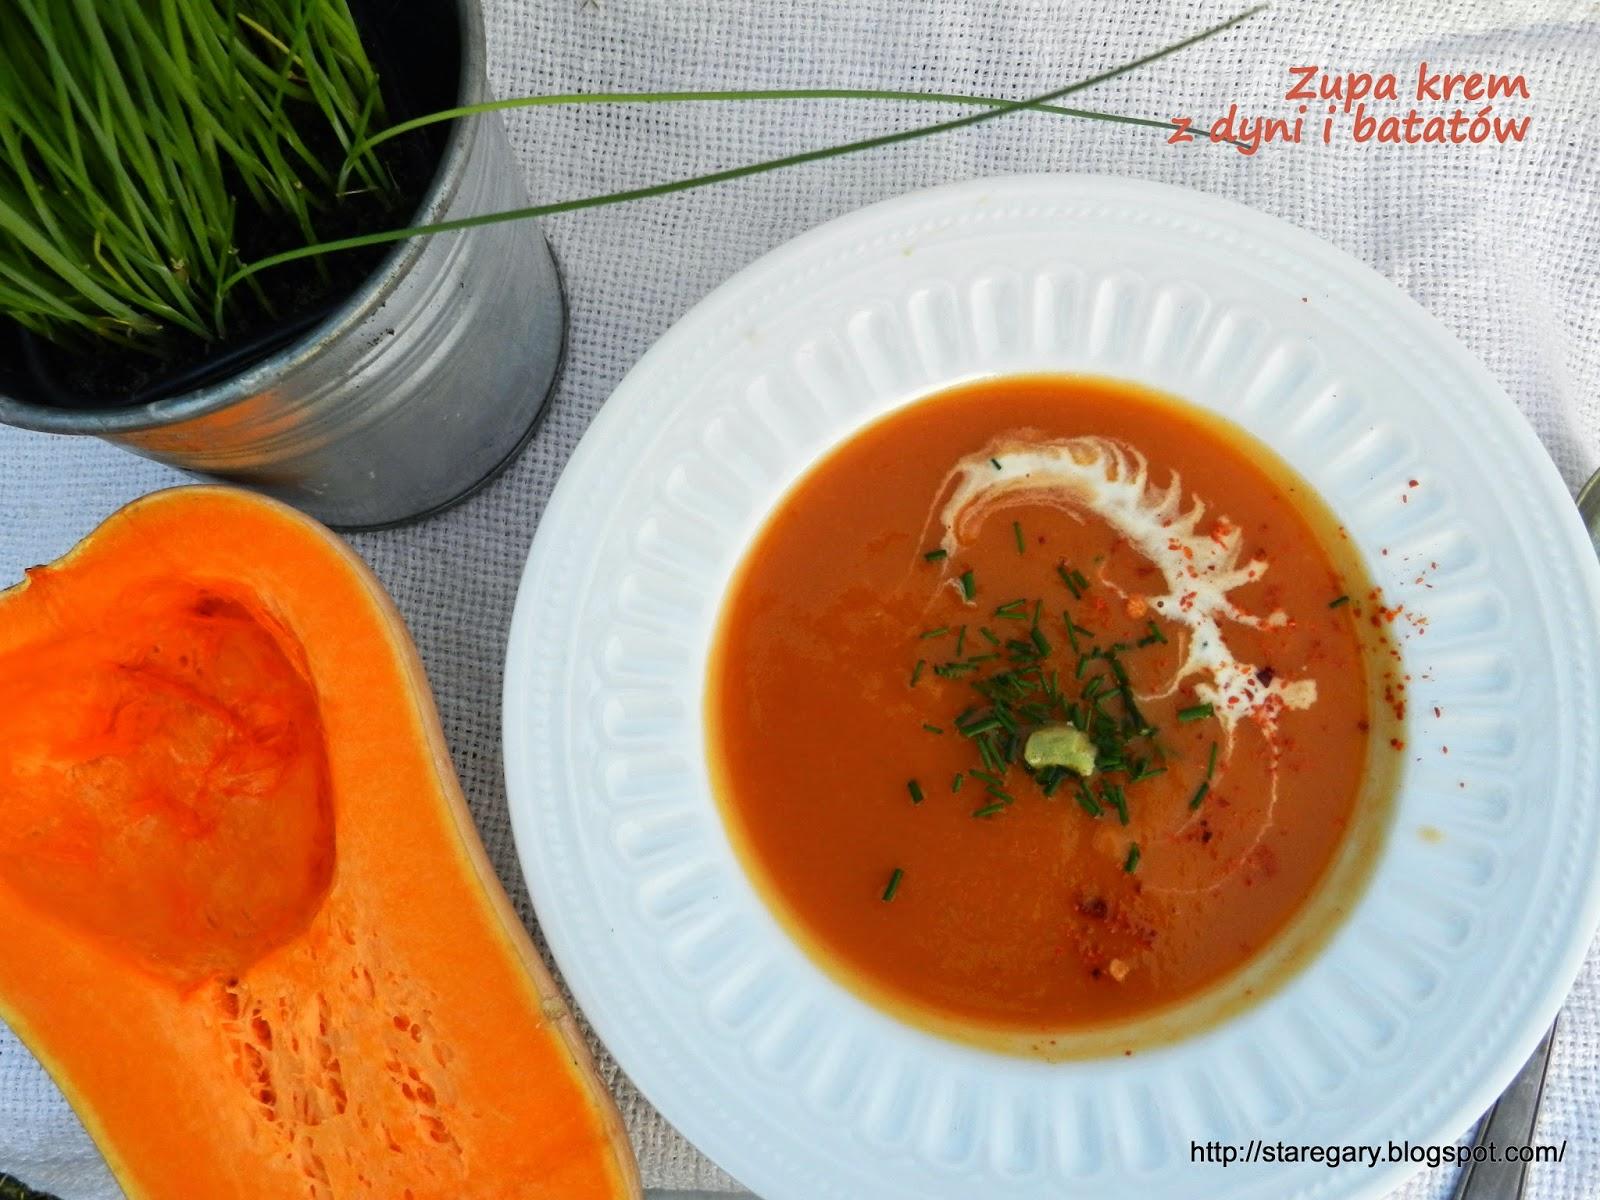 Zupa krem z dyni i batatów, w wolnowarze